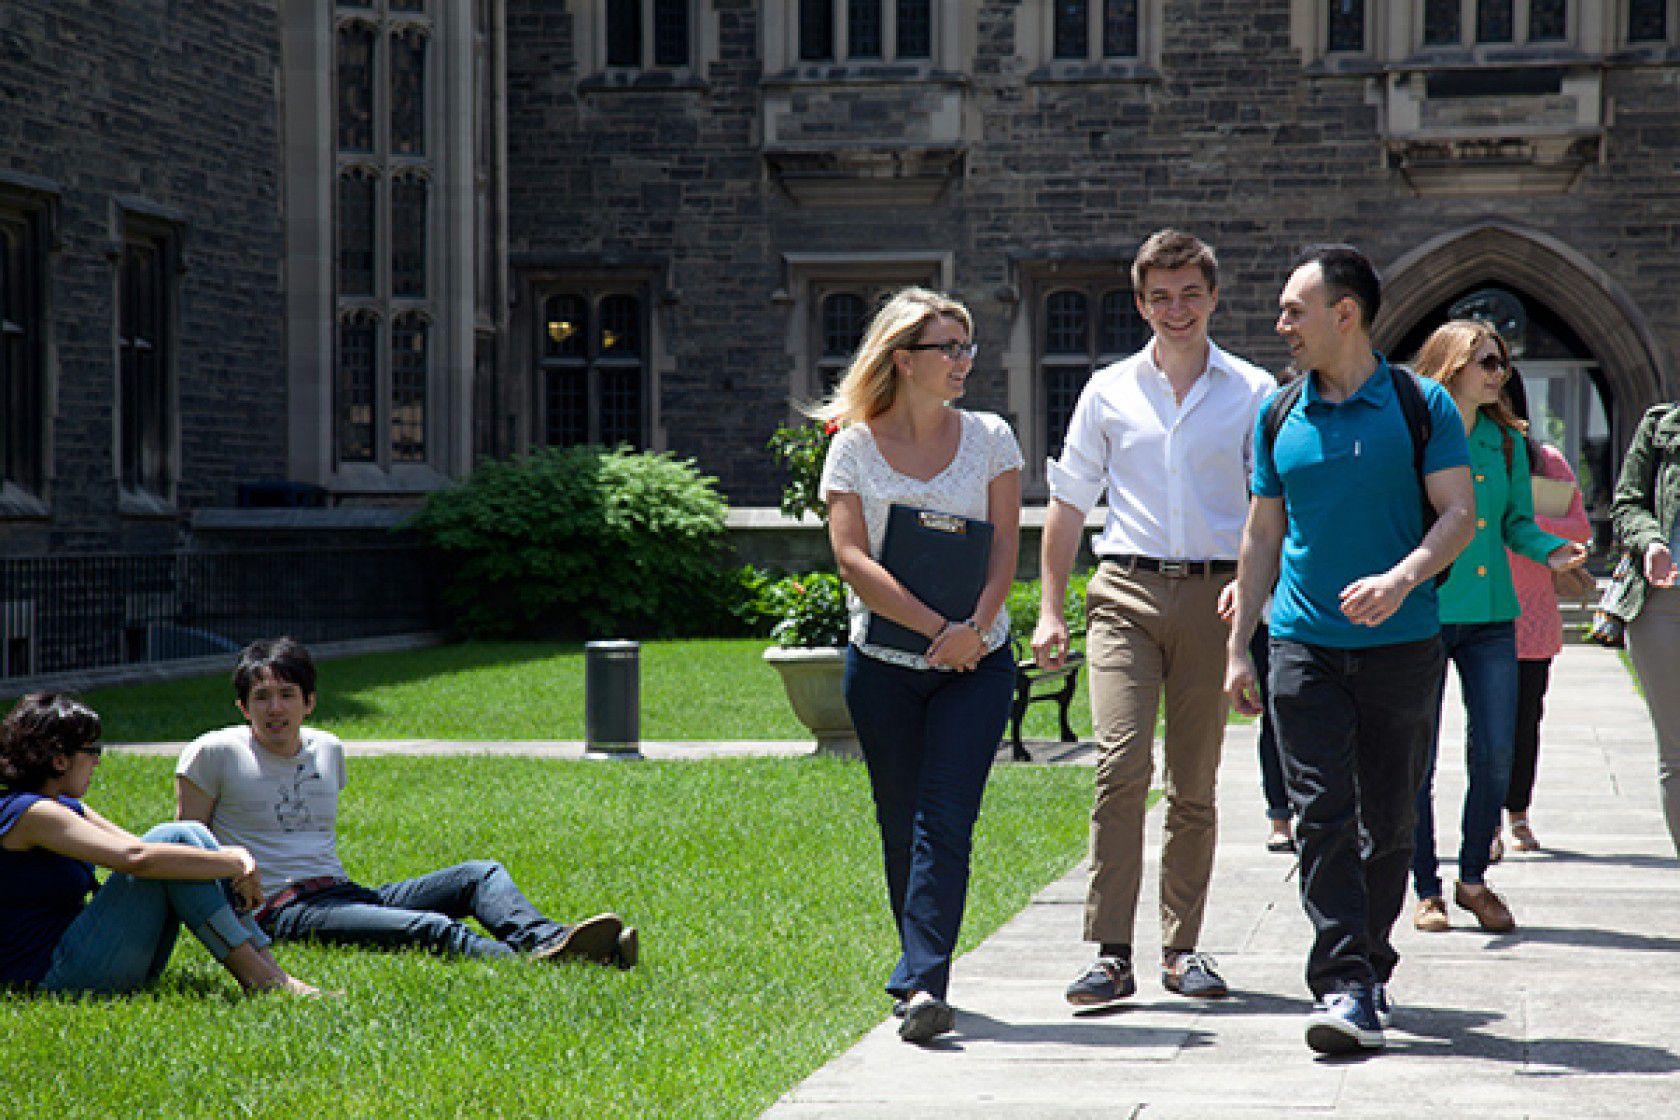 Kanadan lise eğitiminin tercih edilmesinin sebepleri nelerdir?